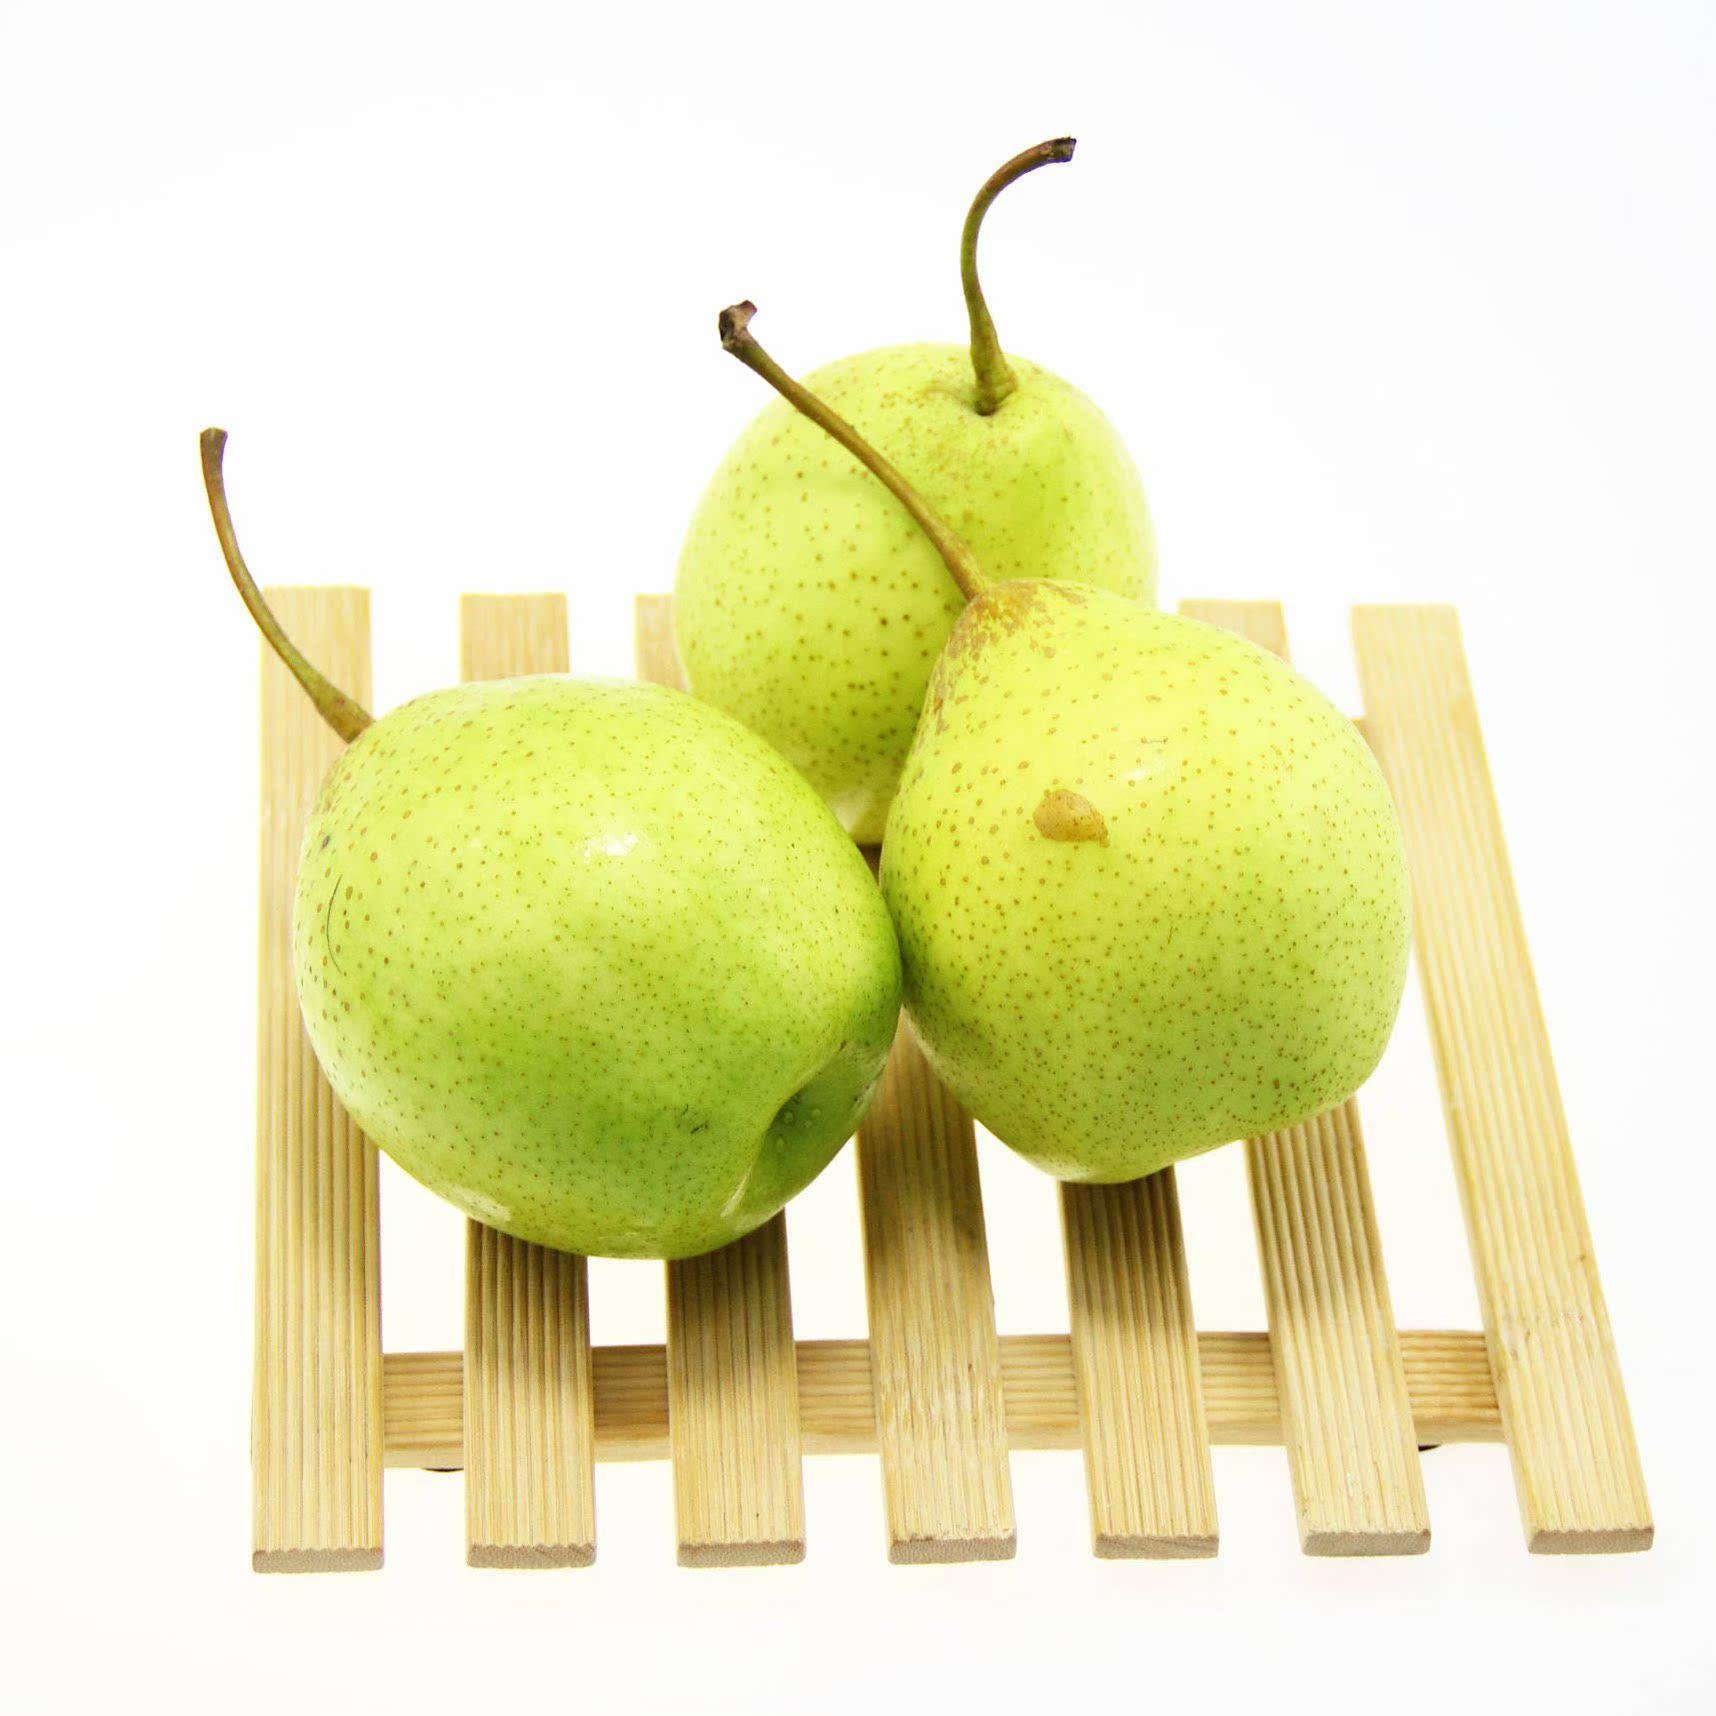 河北青皮鸭梨 当季新鲜水果梨子5斤装(单果200g起)